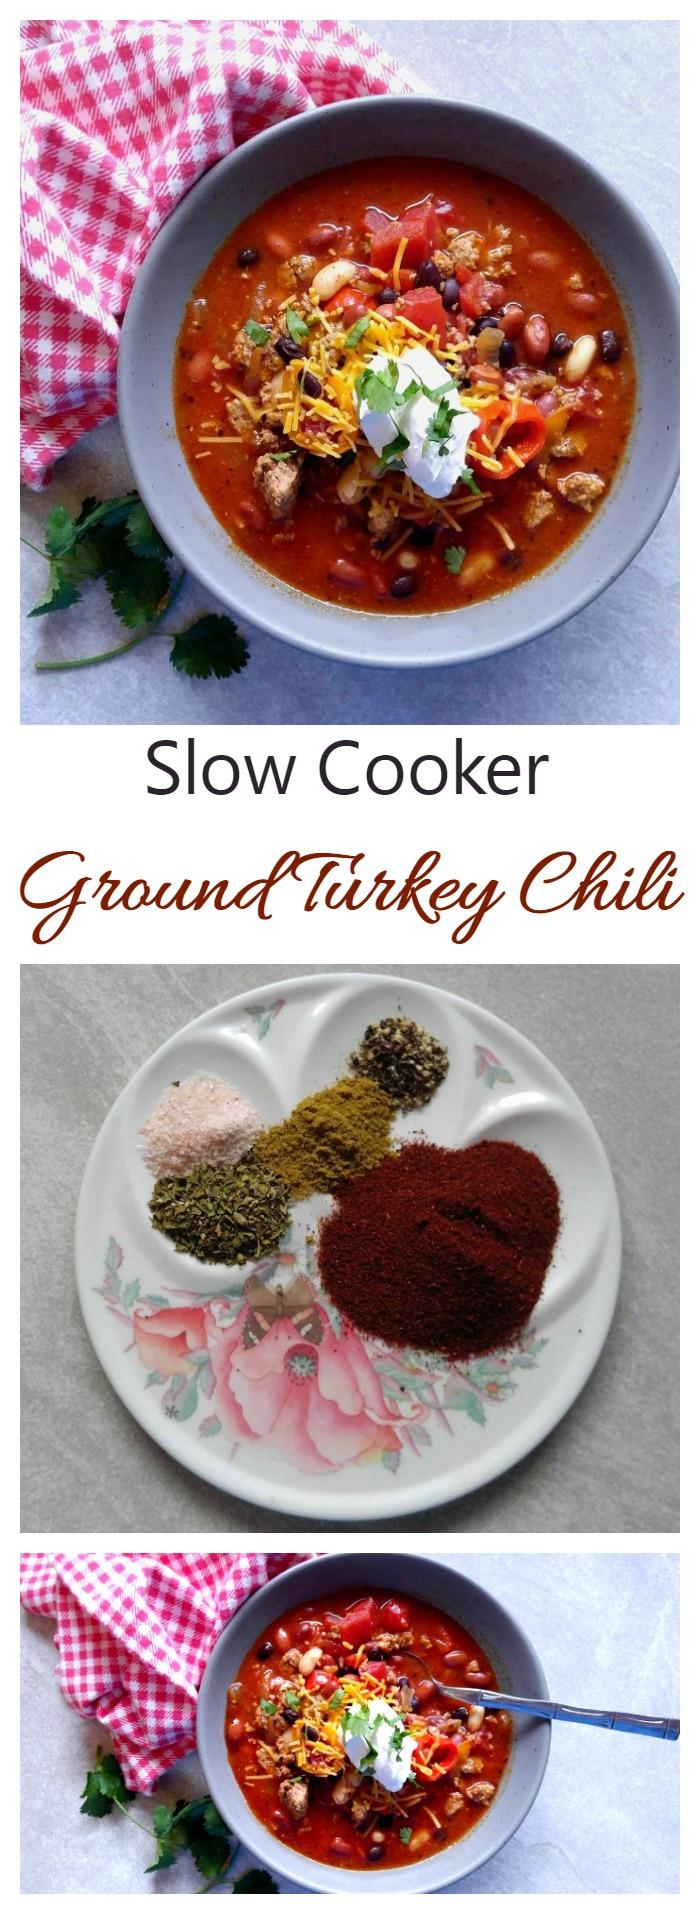 Ground Turkey Chili